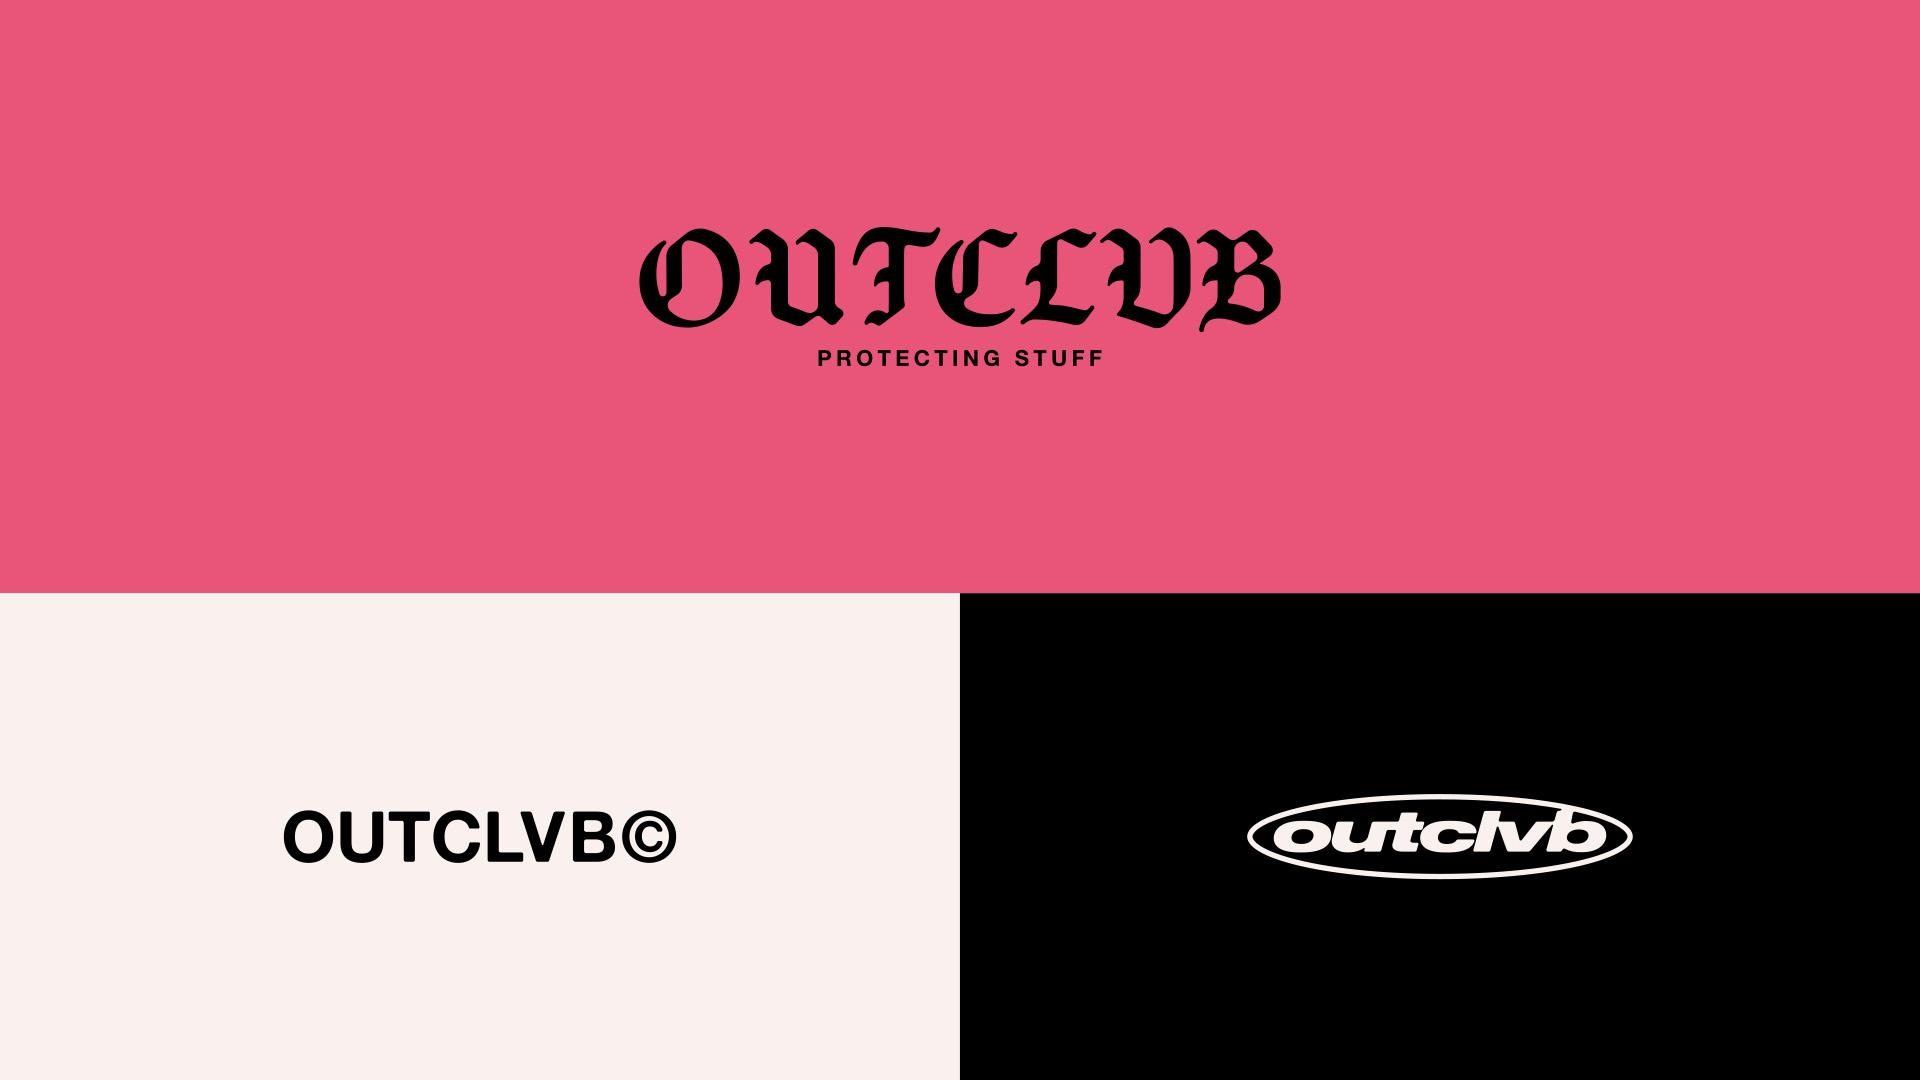 Outclvb